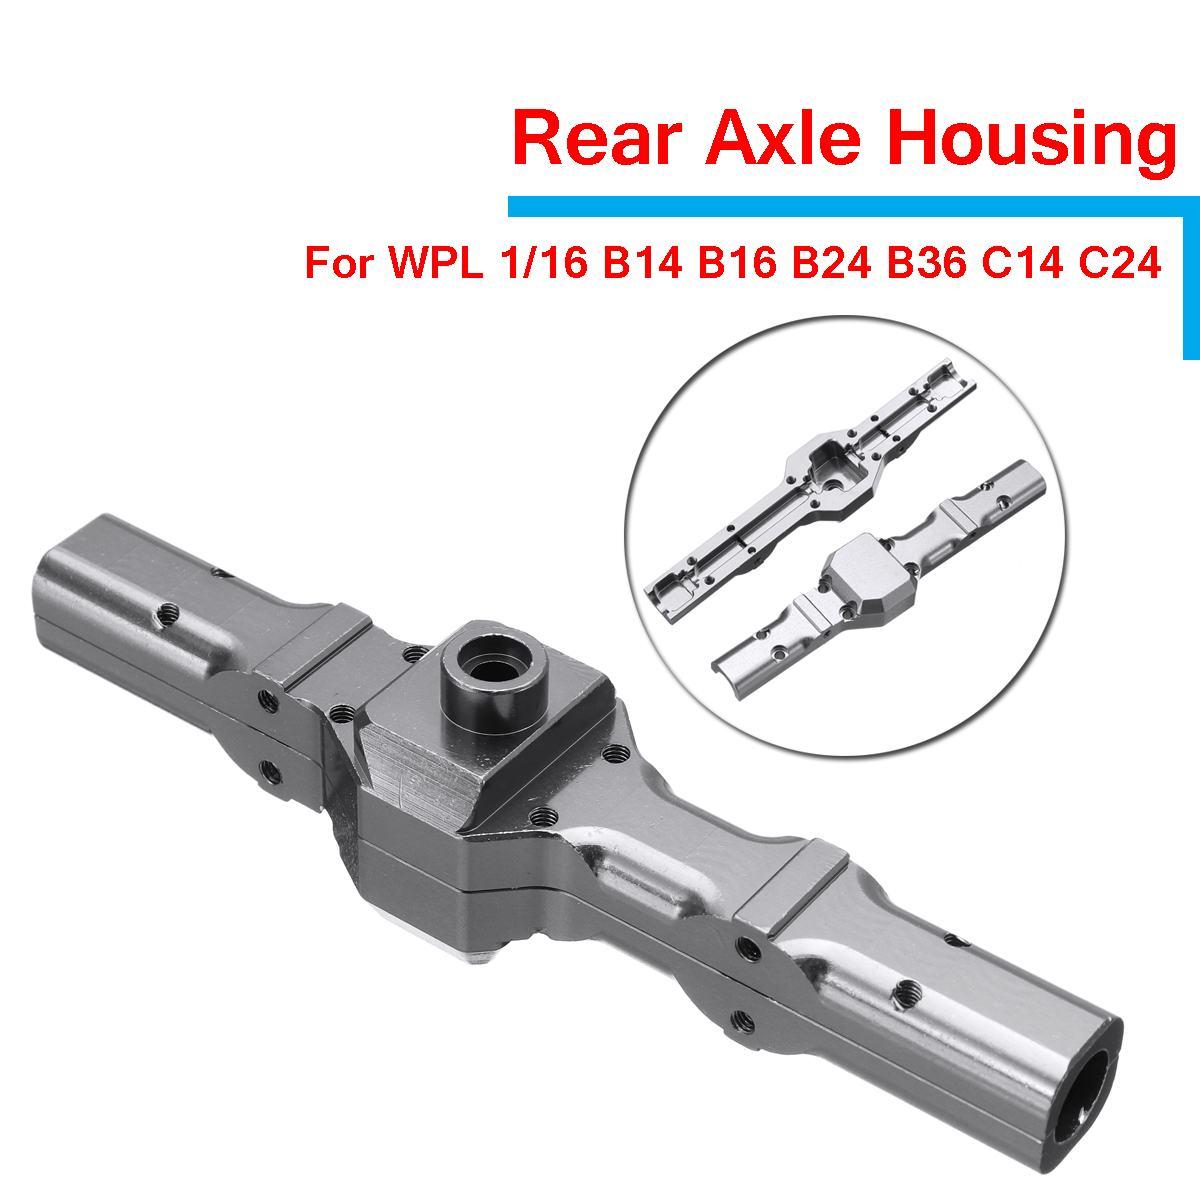 Upgrade Metall Vorne /& Hinten Axle Housing Kit für 1:16 WPL B14 B16 B36 C24 C14